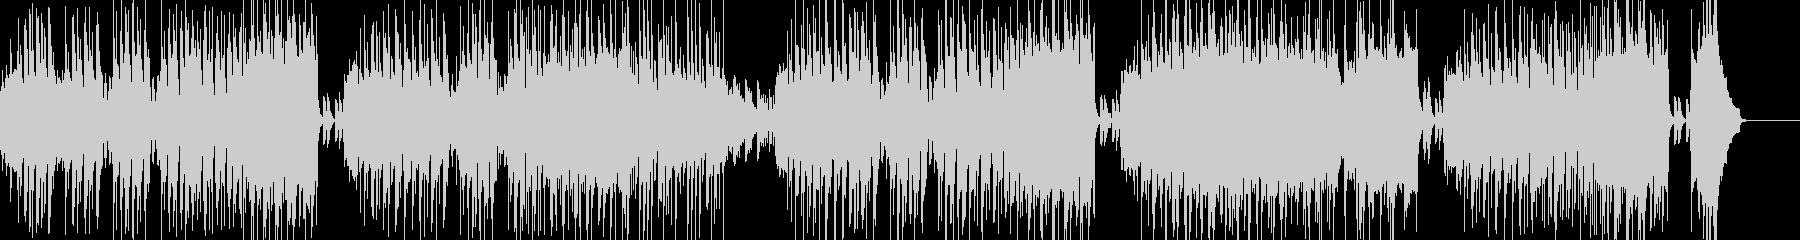 エリーゼのために・ジャズ ドラム有Cの未再生の波形